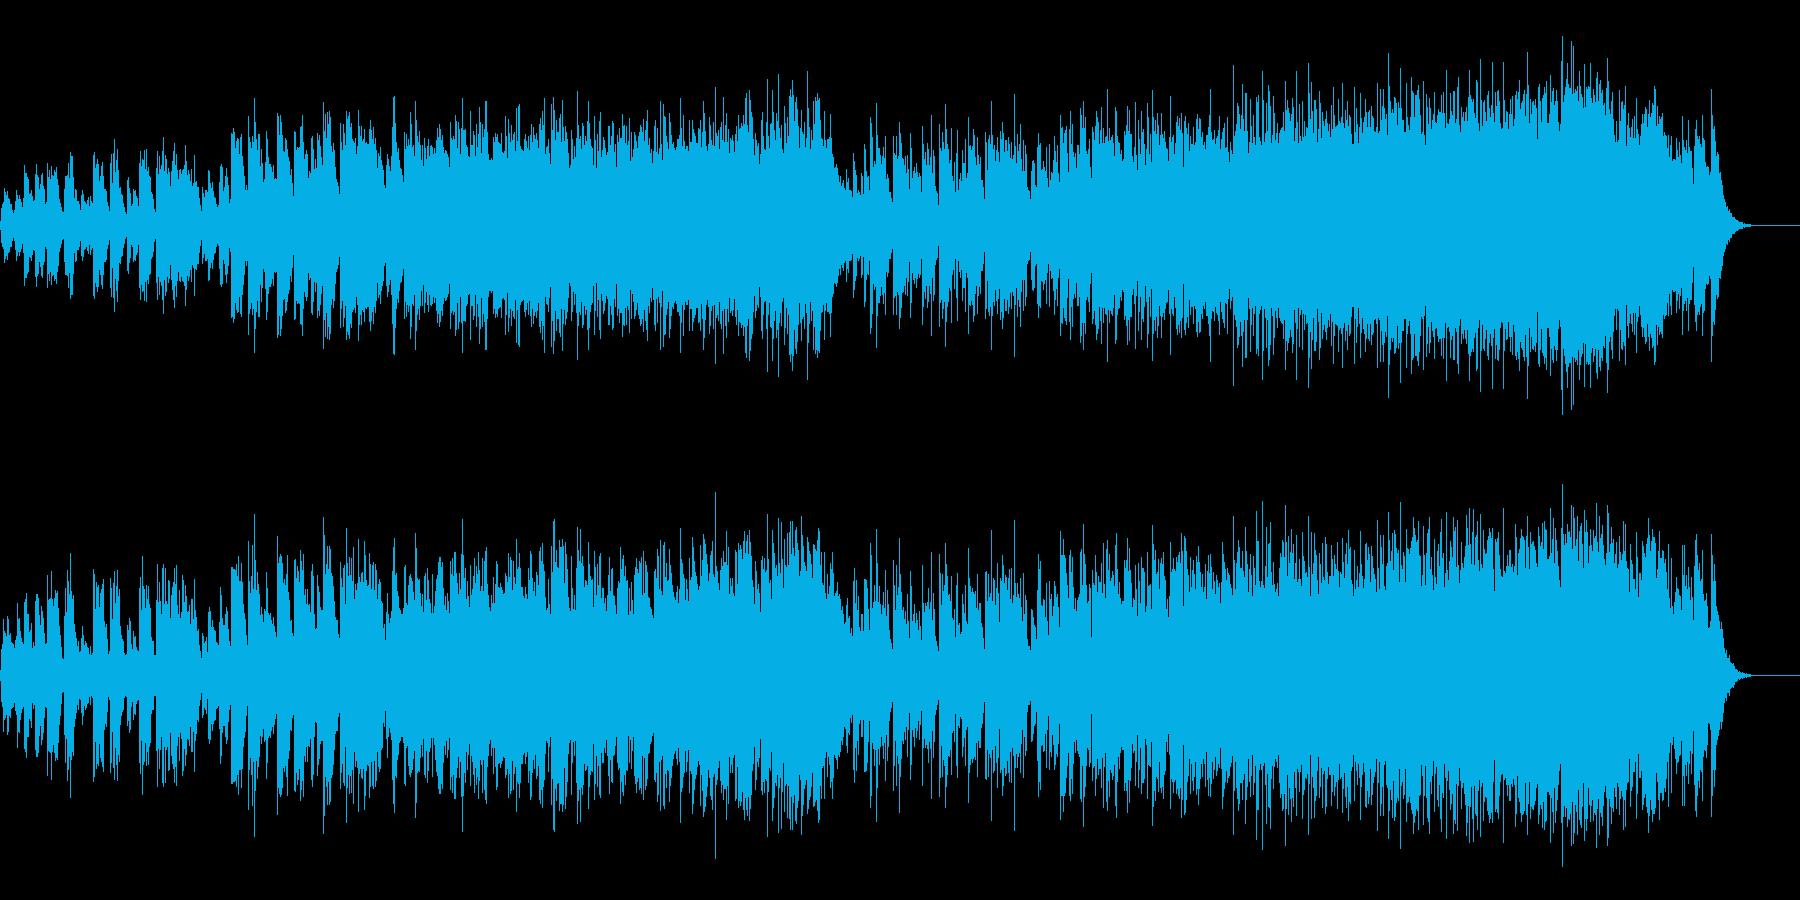 センチメンタルで切ないスローバラードの再生済みの波形